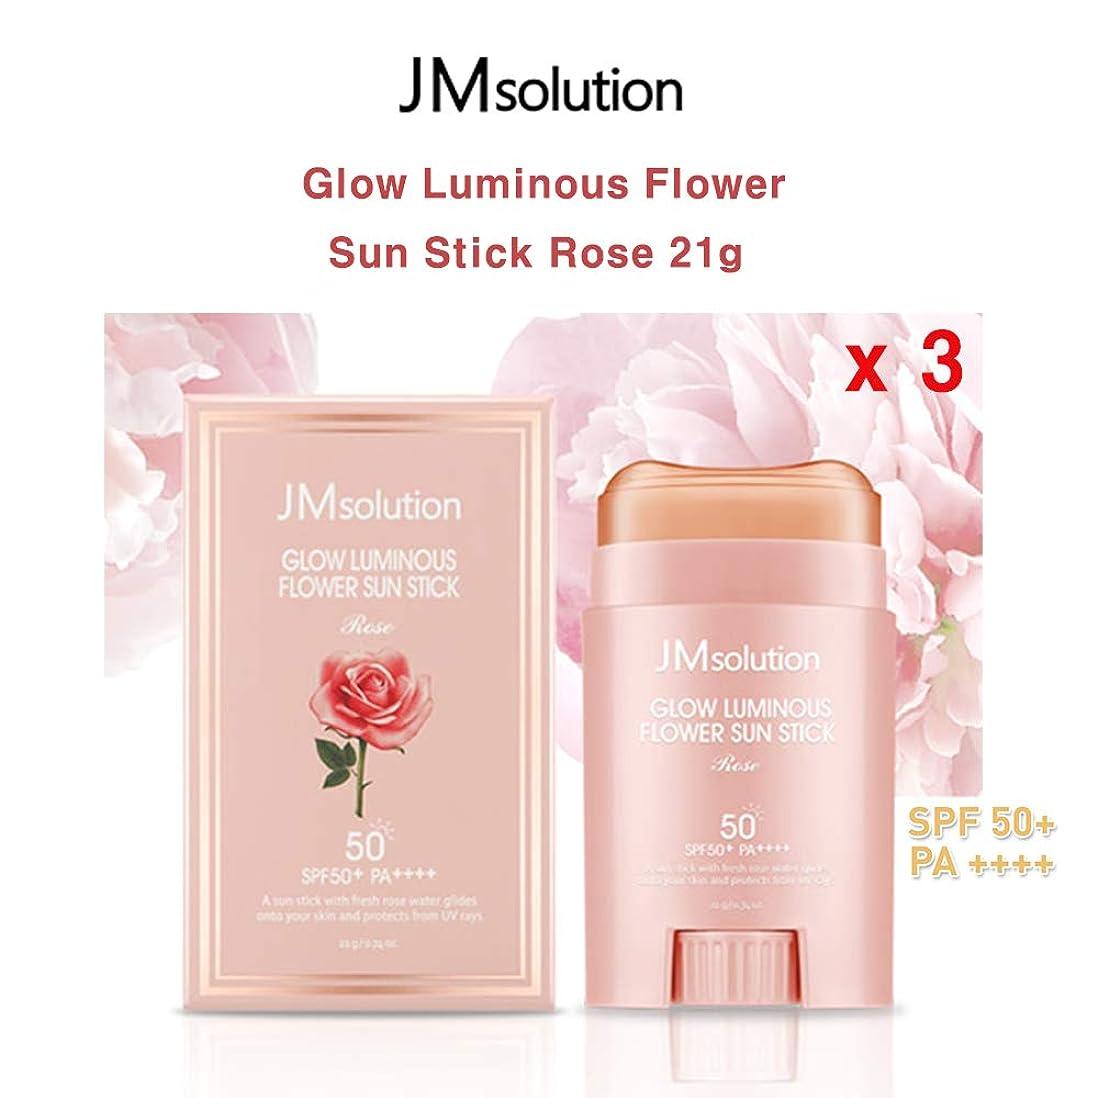 不明瞭雪だるまナインへJM Solution ★1+1+1★ Glow Luminous Flower Sun Stick Rose 21g (spf50 PA) 光る輝く花Sun Stick Rose